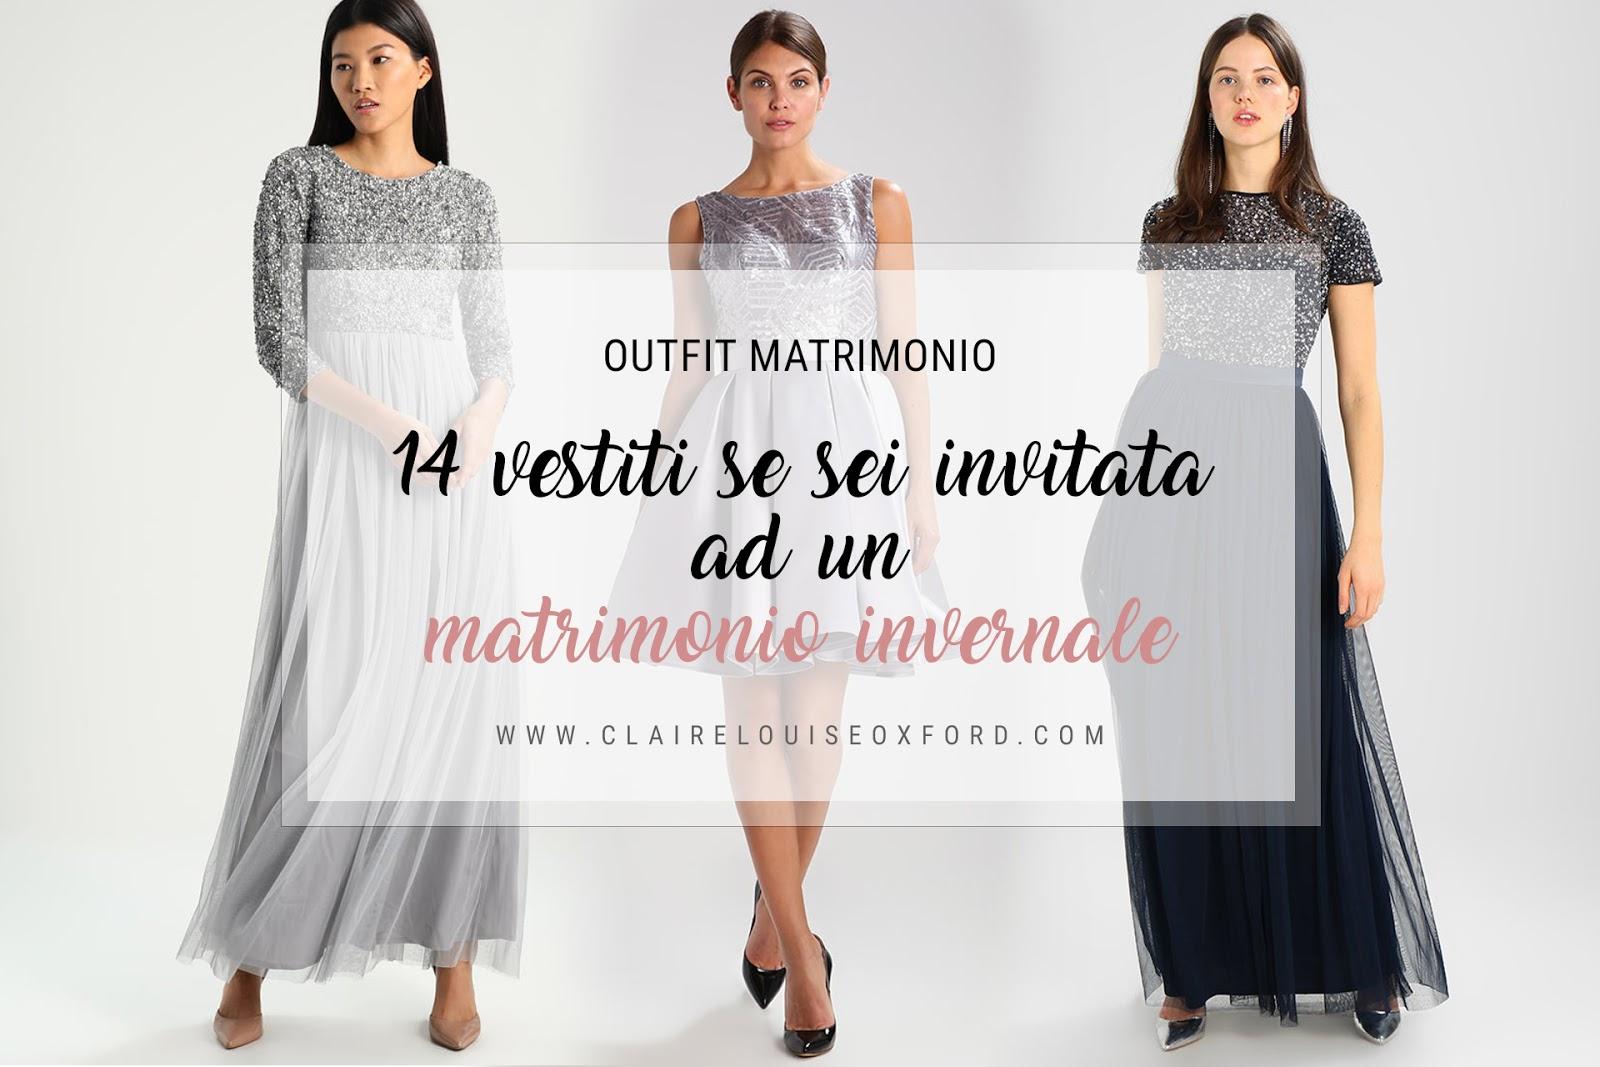 701122c690c7 Outfit matrimonio per l Inverno 2017 2018  14 vestiti per l invitata alle  nozze